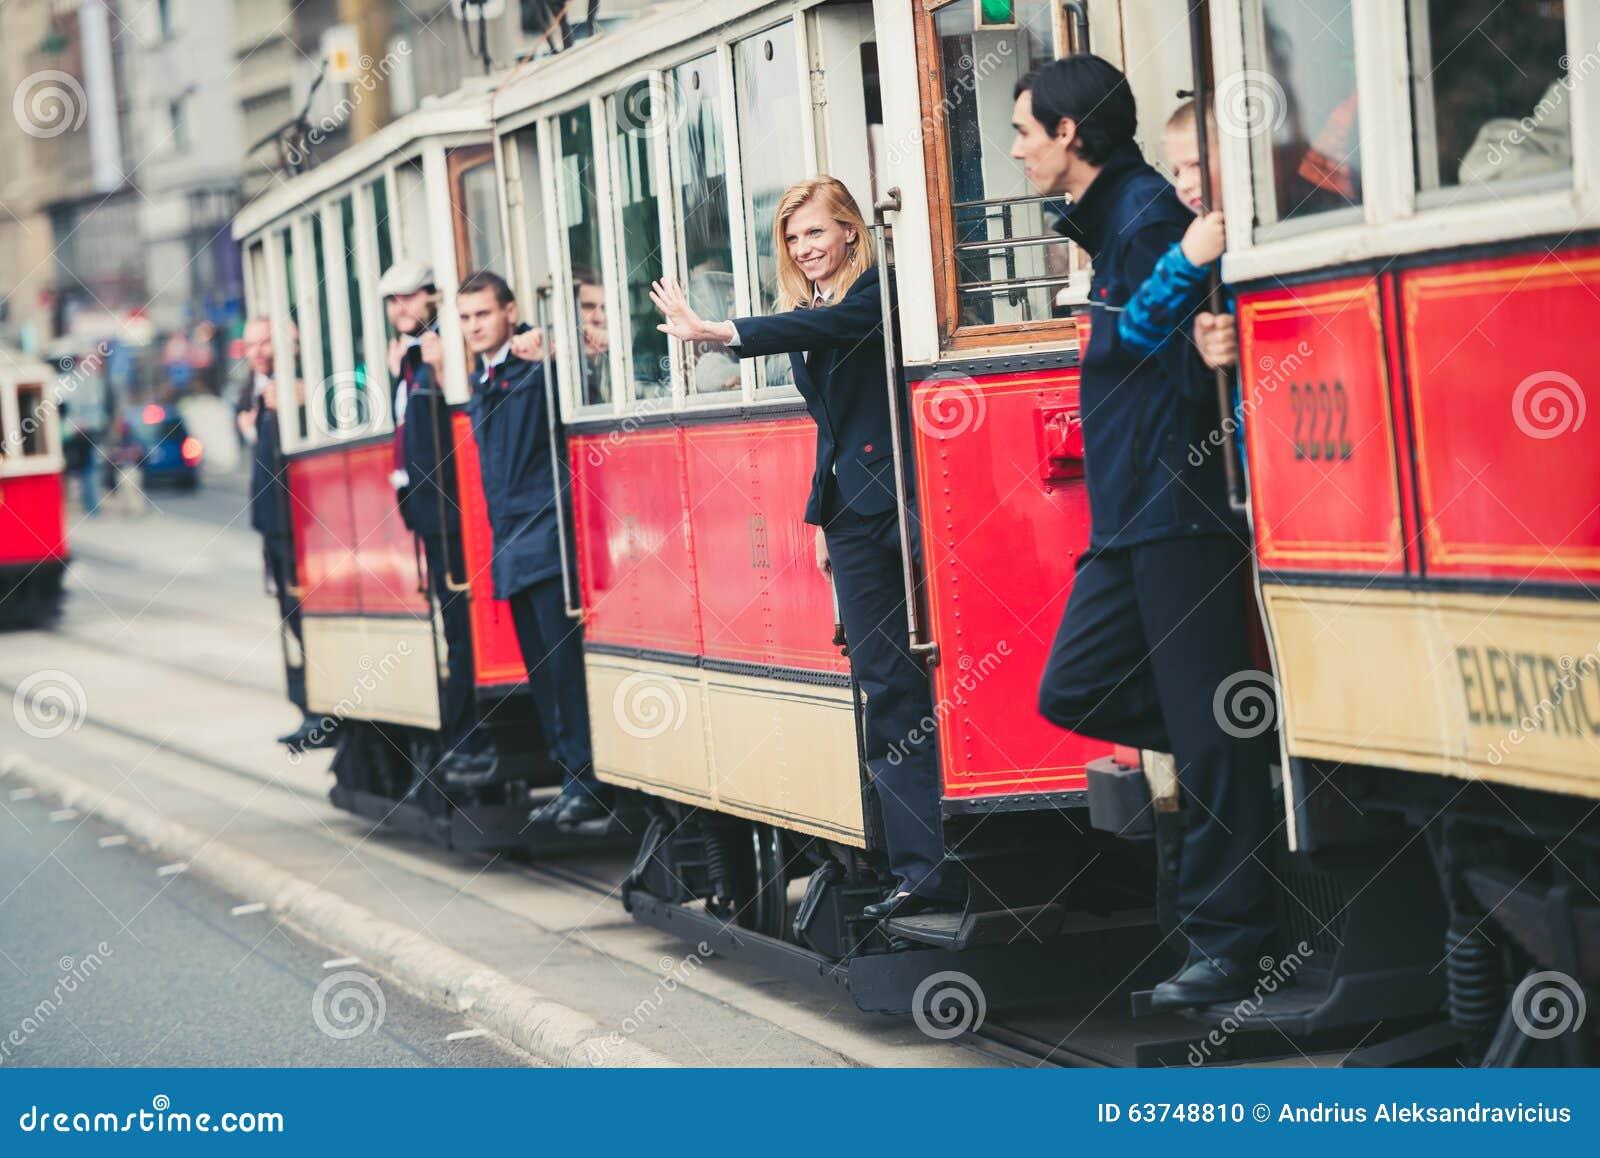 Desfile de la tranvía del vintage, Praga, República Checa